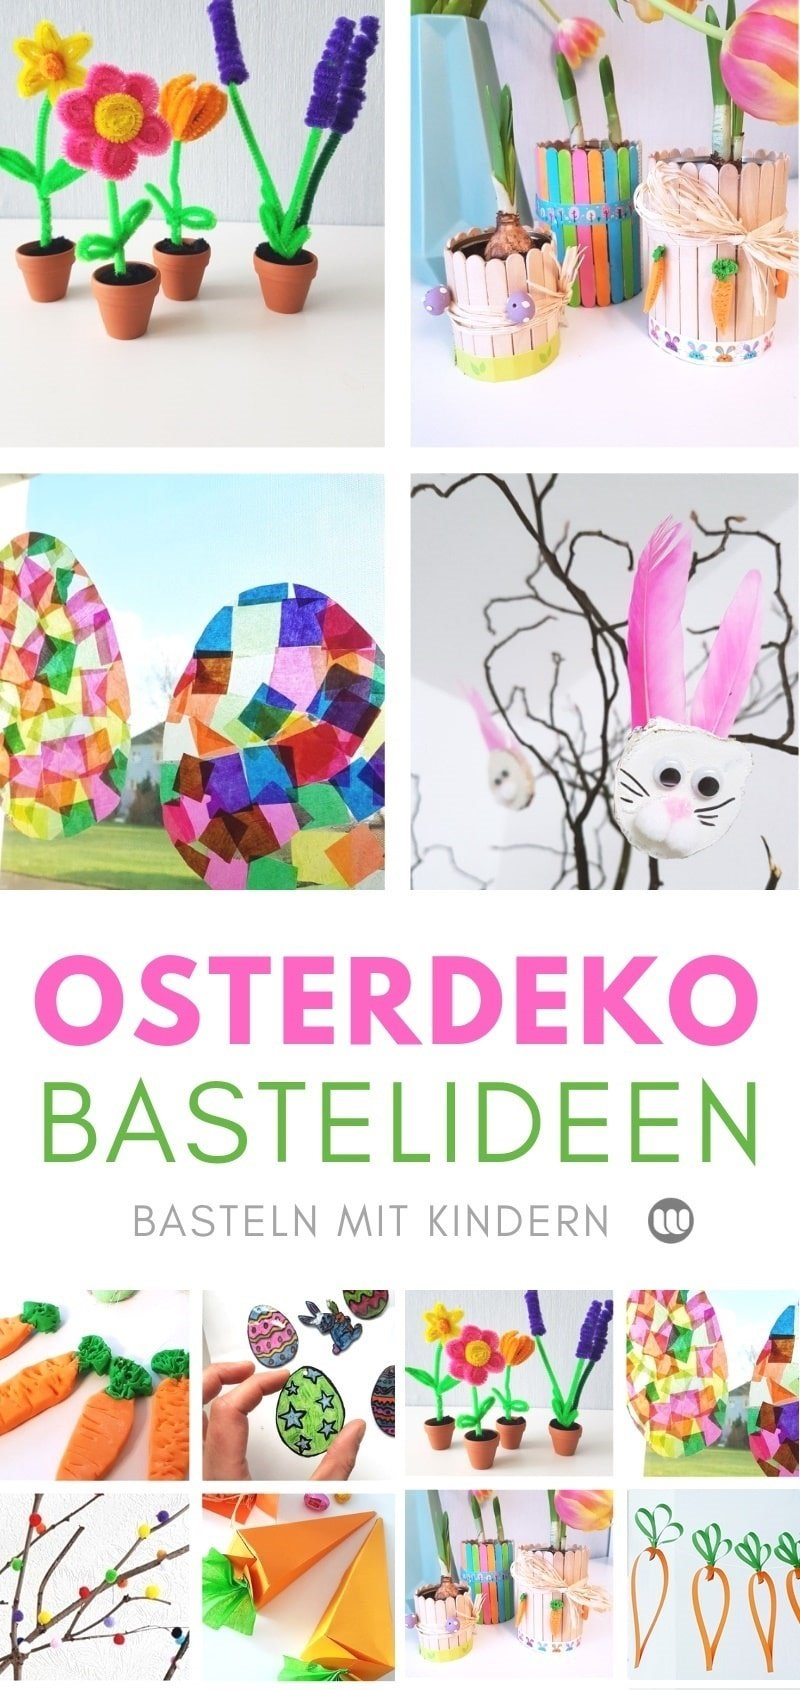 Osterbasteln Mit Kindern 10 Schnelle Bastelideen Im Frühling